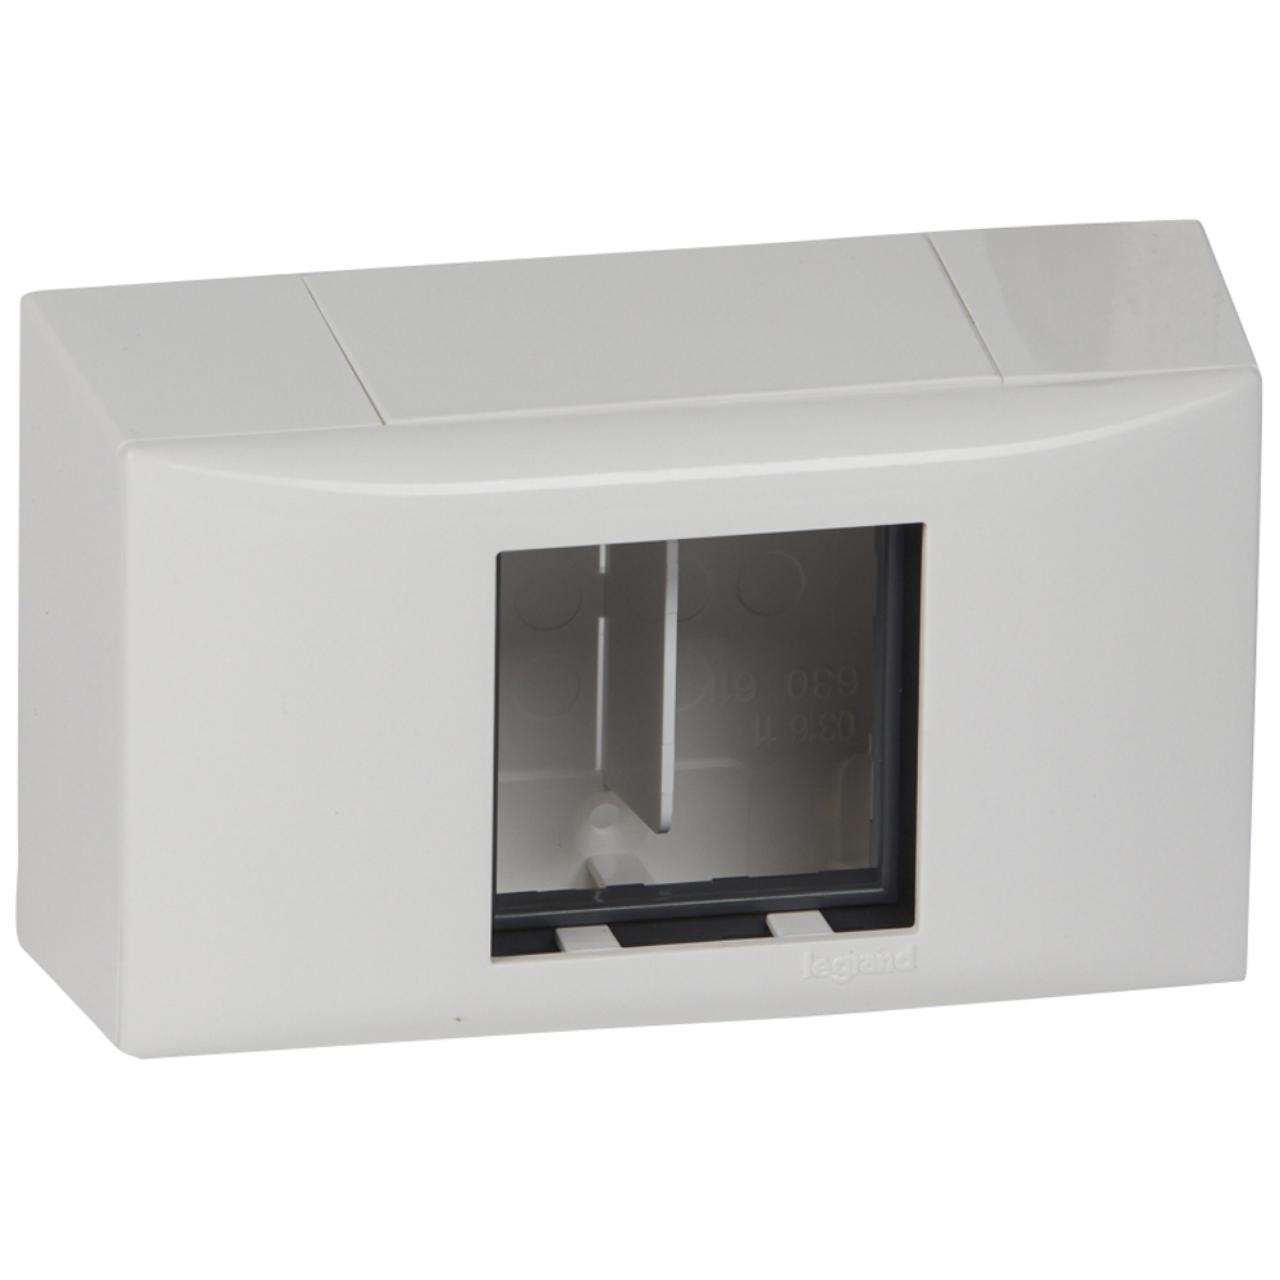 adaptateur cadre 2m pour goulotte dlplus legrand dlplus. Black Bedroom Furniture Sets. Home Design Ideas